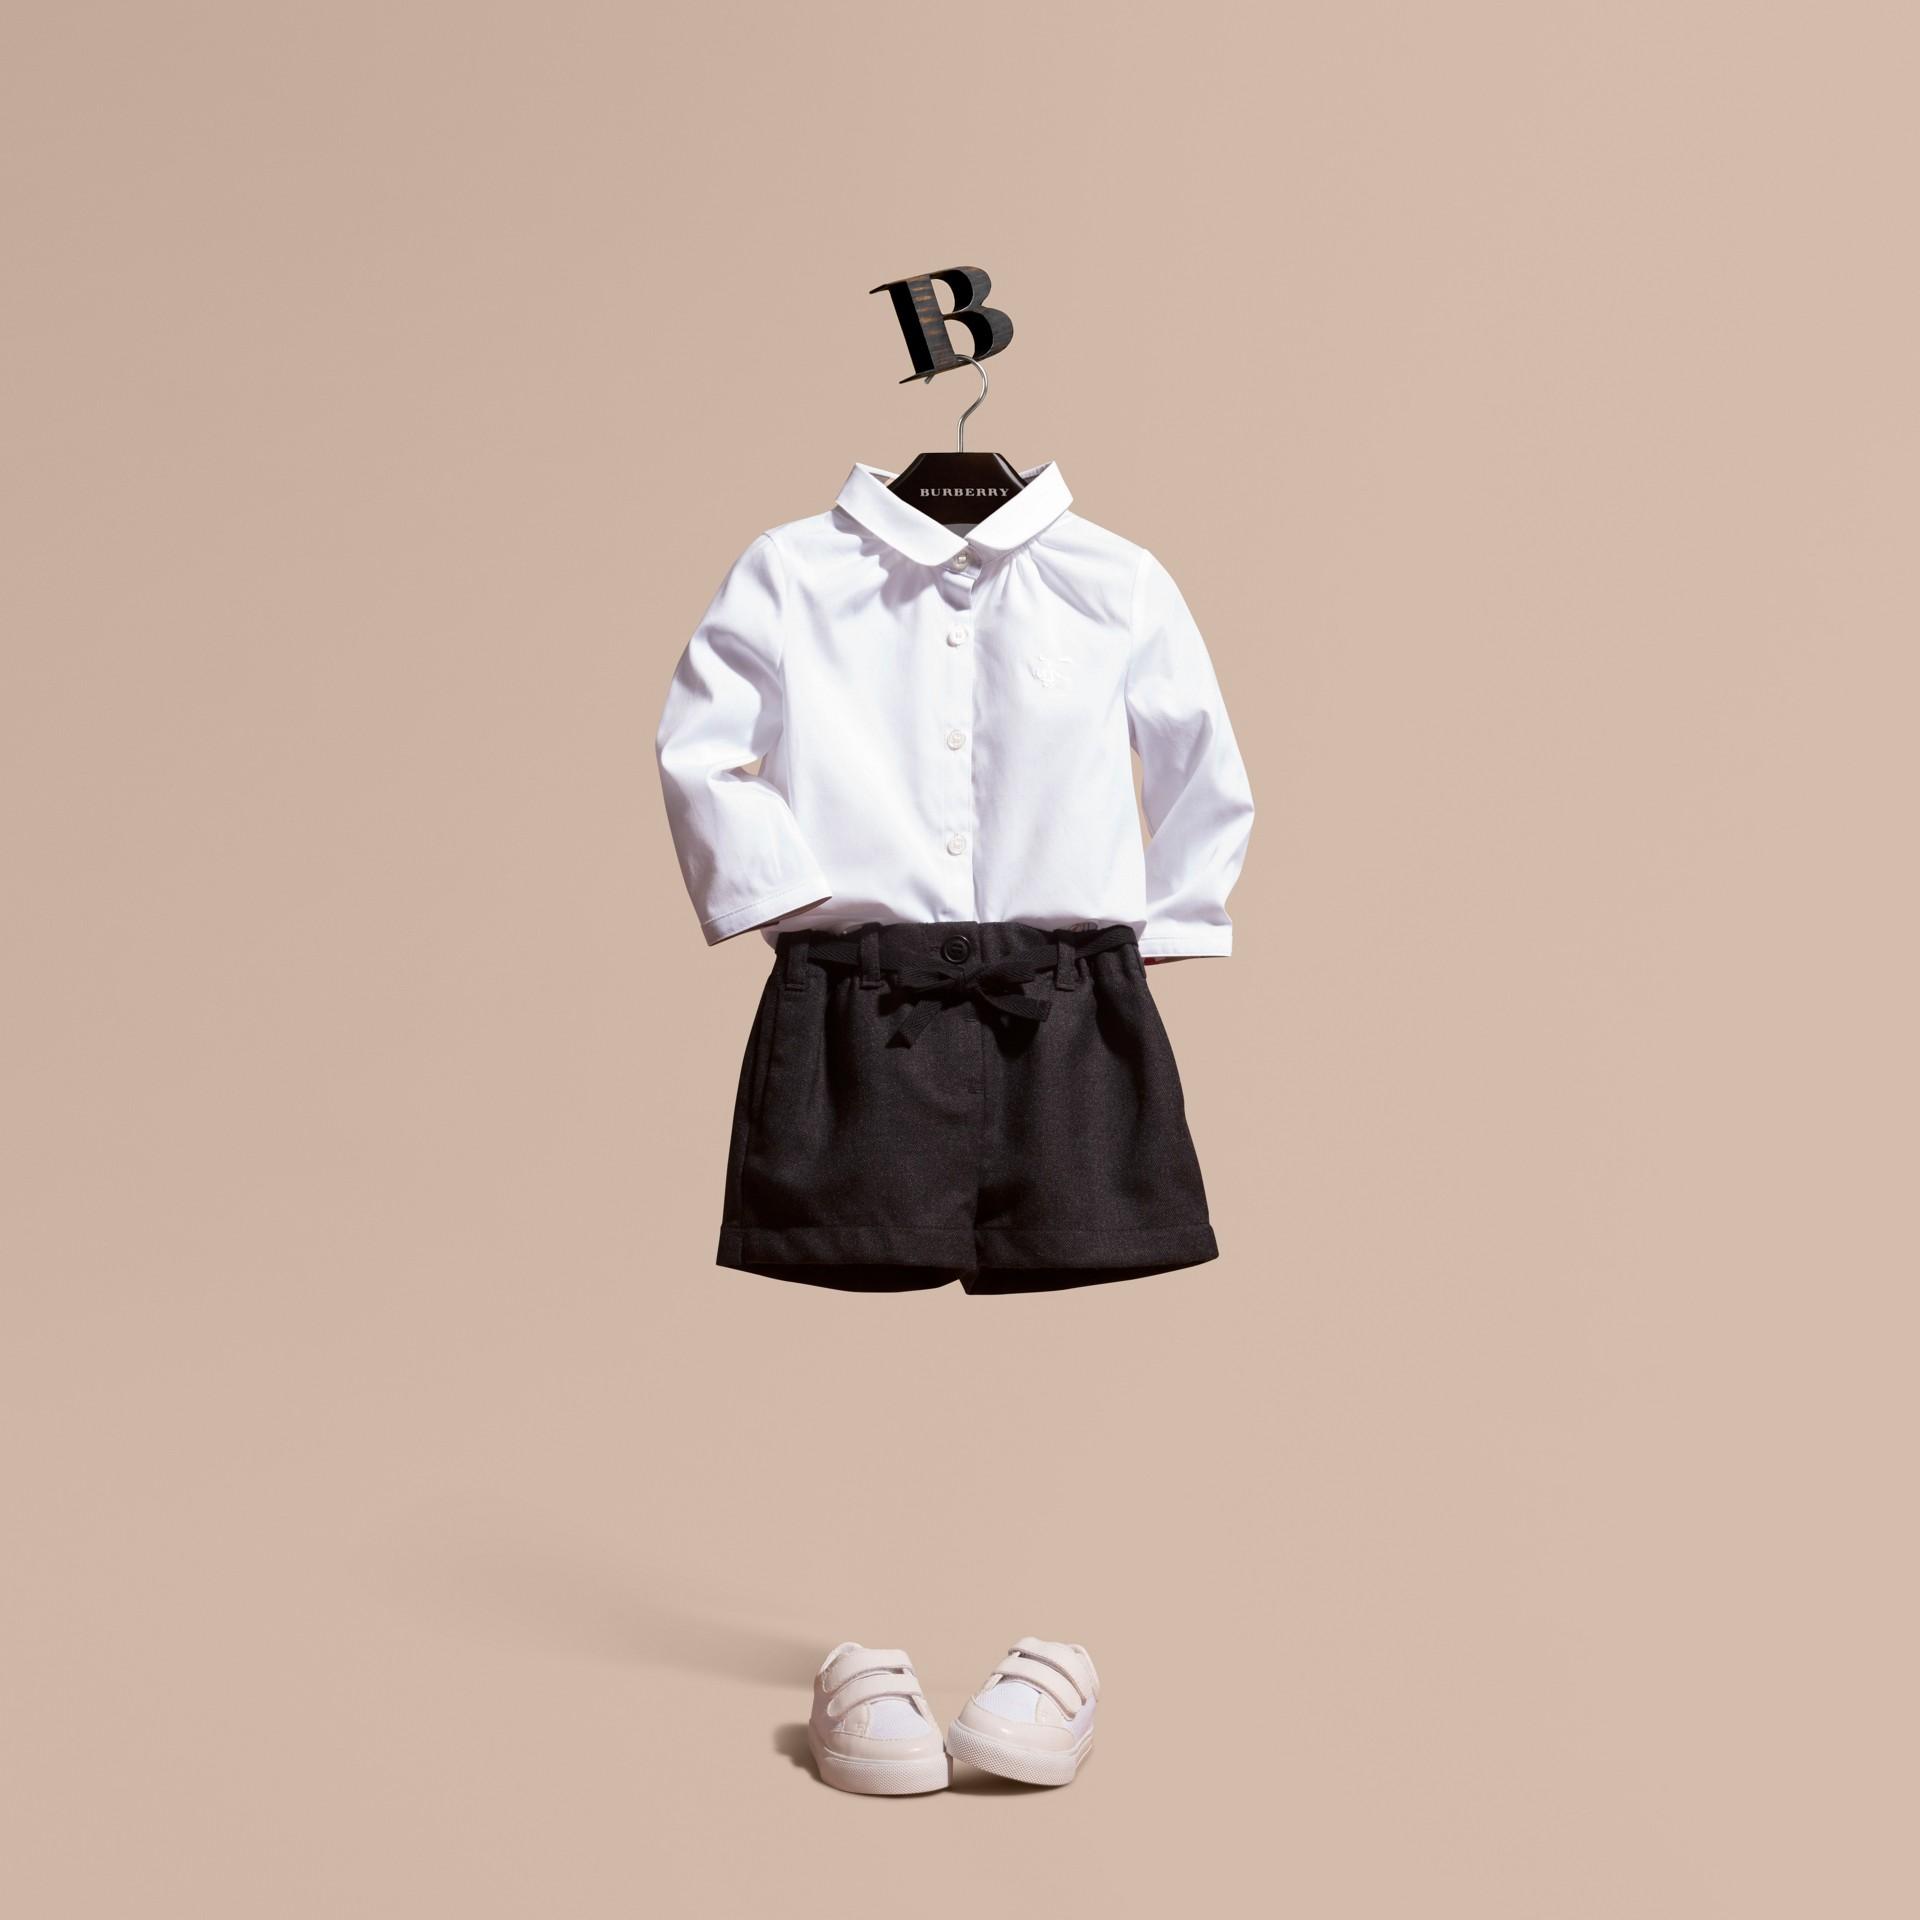 Weiss Bluse aus Stretchbaumwolle mit Peter-Pan-Kragen - Galerie-Bild 1